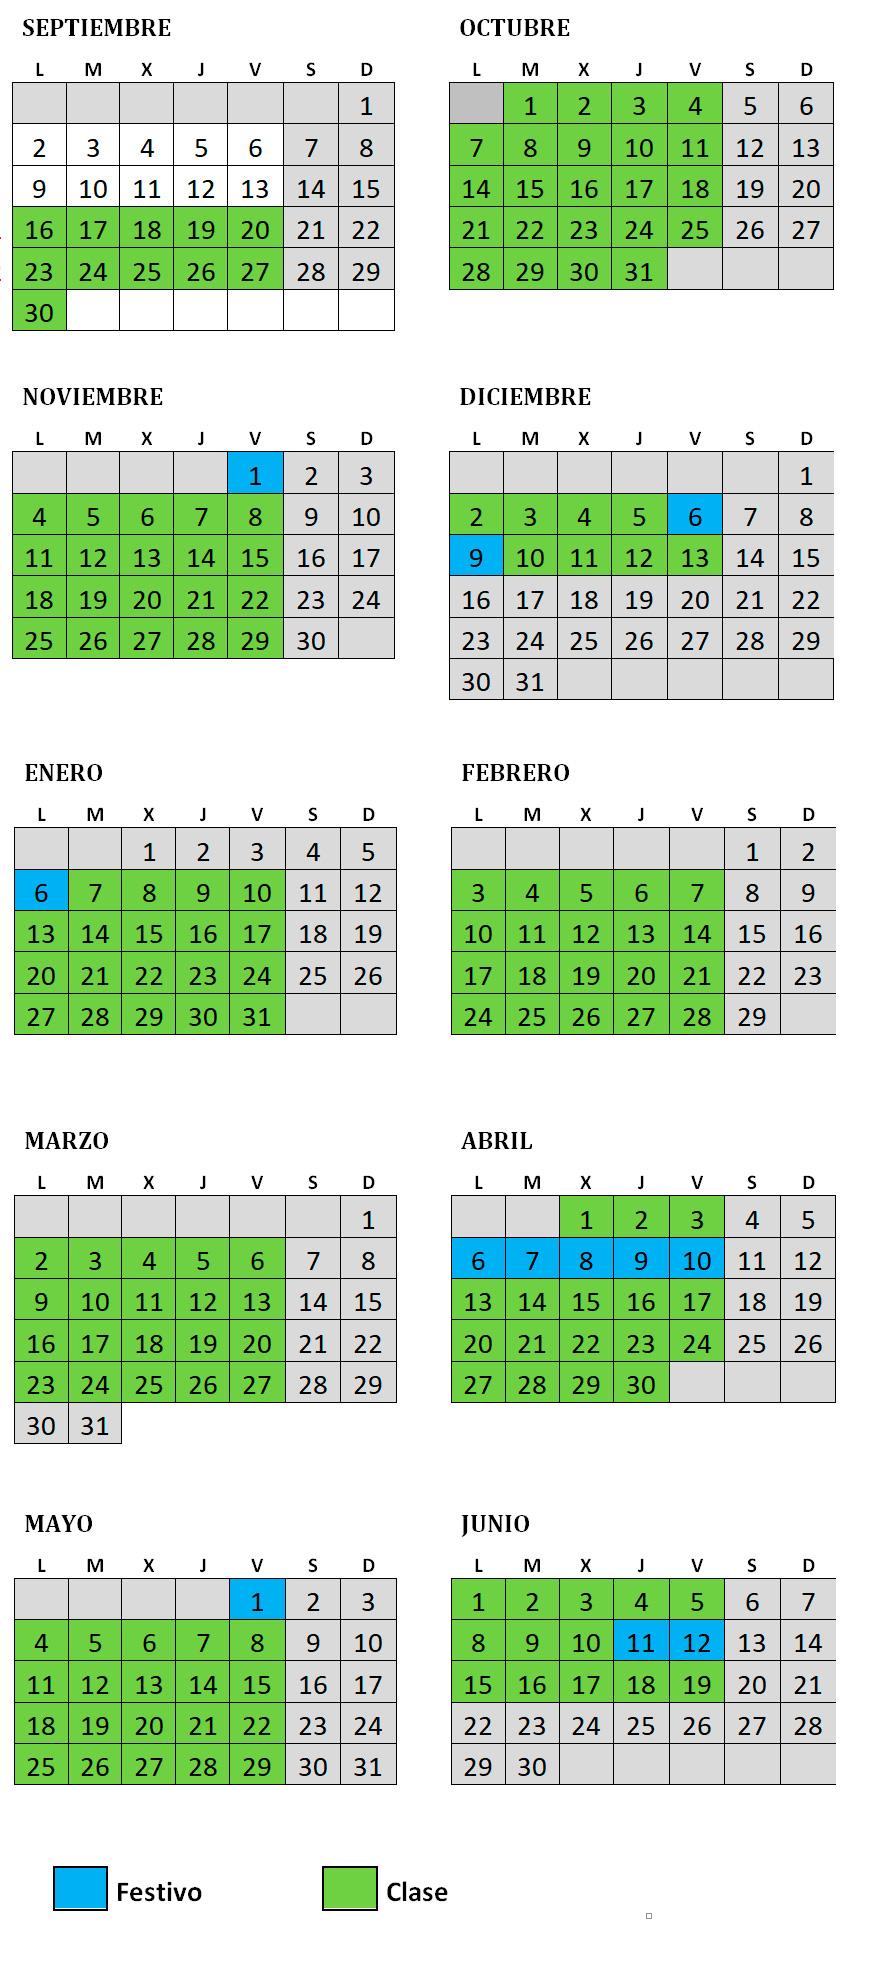 calendario_2019-2020